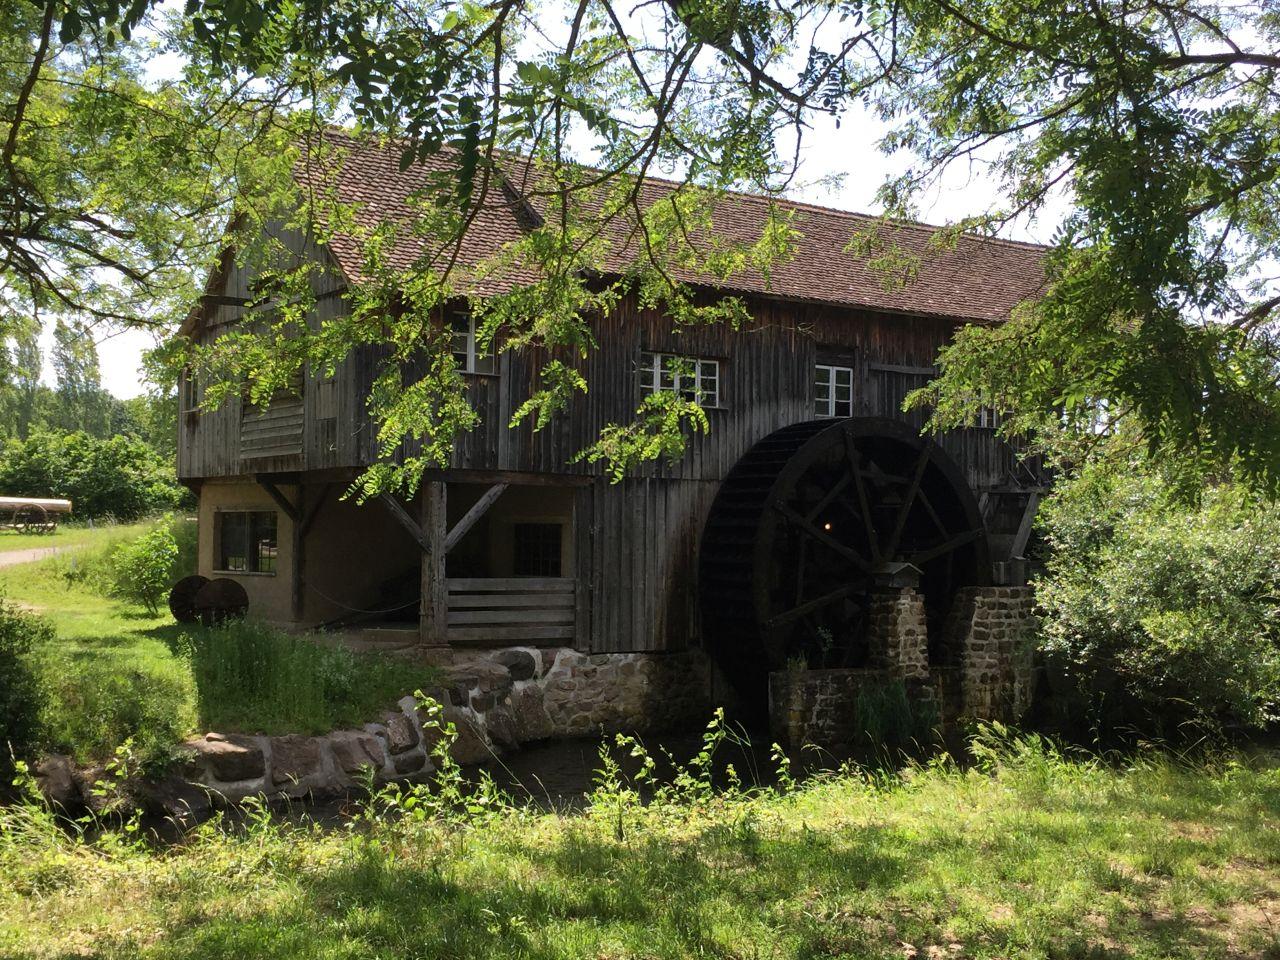 Mühle im Museumsdorf Écomusée d'Alsace in Ungersheim im unetren Elsass